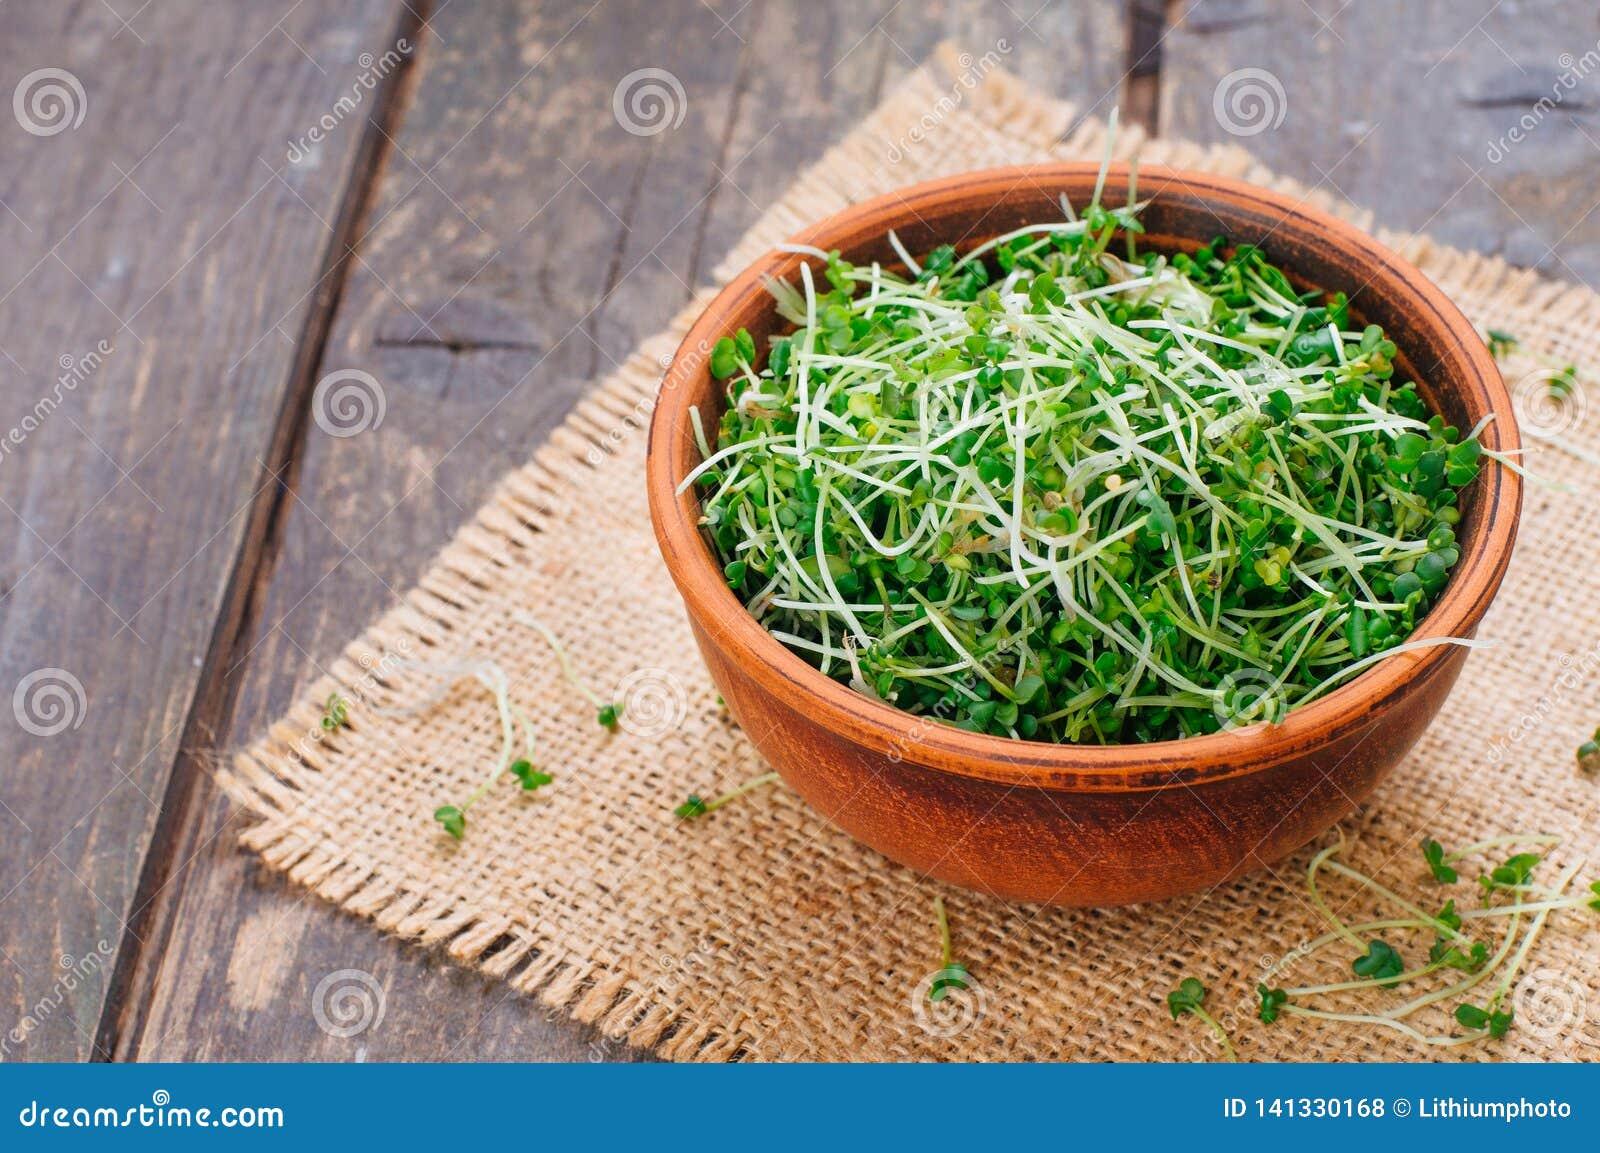 Mikrogräsplangroddar av senap i keramisk bunke